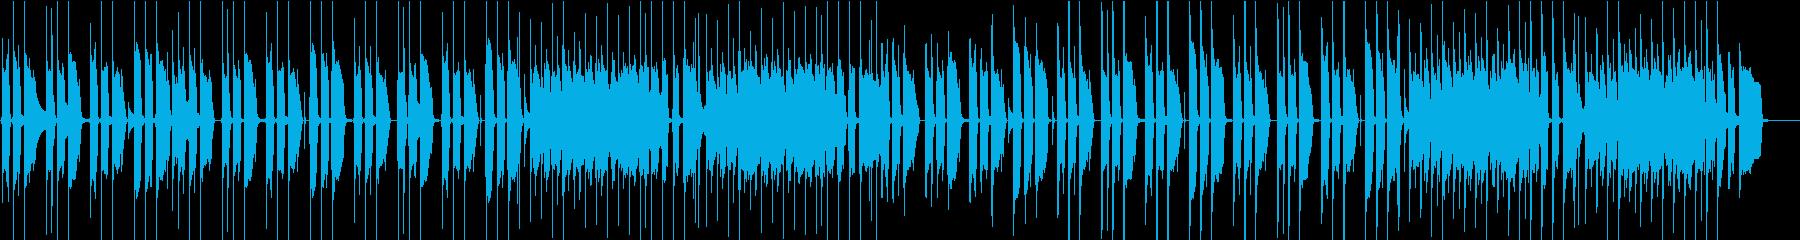 日常・ほのぼの・カントリーギターの再生済みの波形